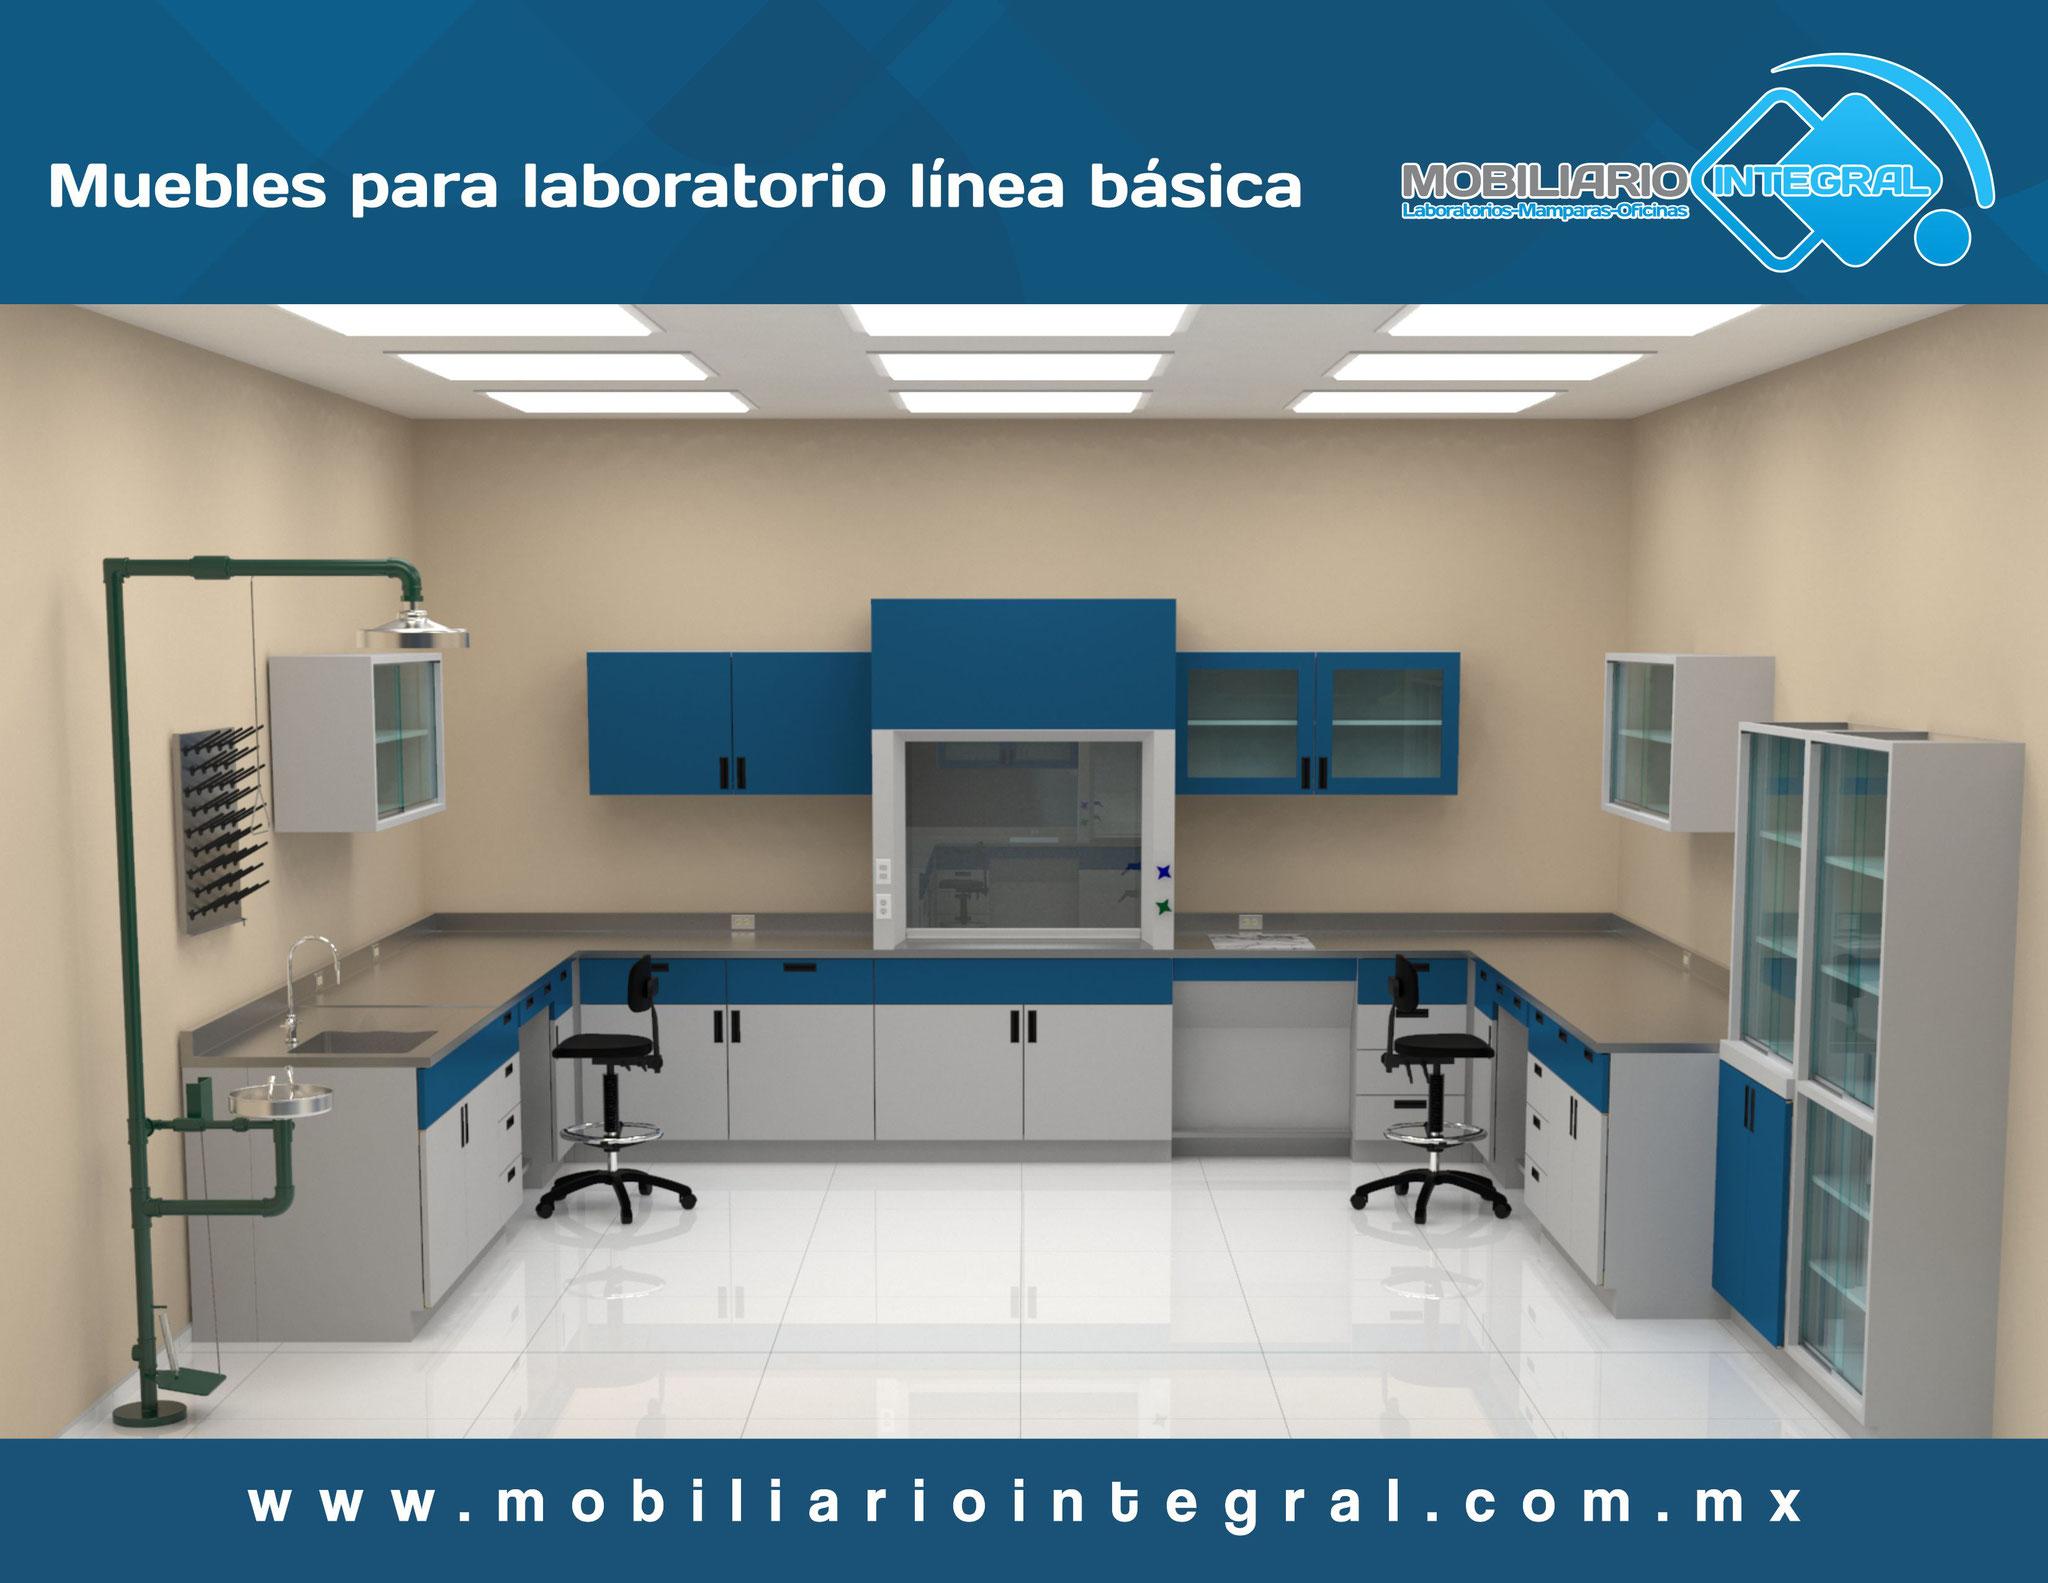 Muebles para laboratorio en Matamoros